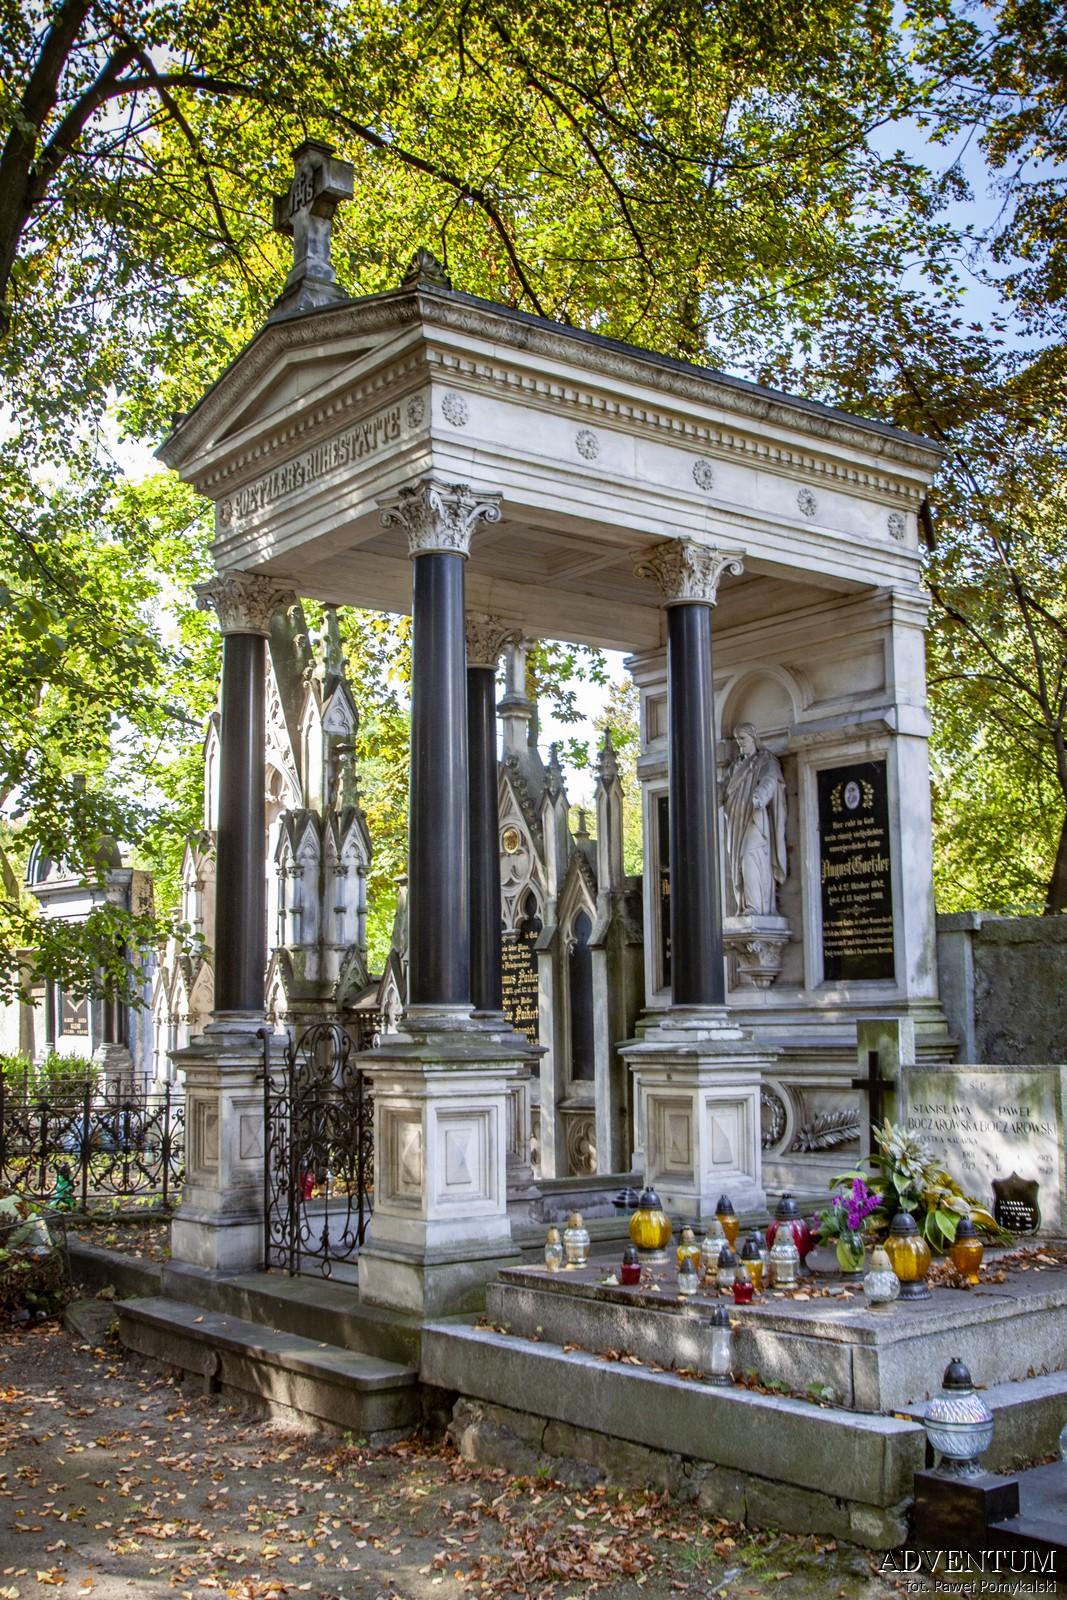 Cmentarze Górny Śląsk Cmentarz nekropiloia Bytom